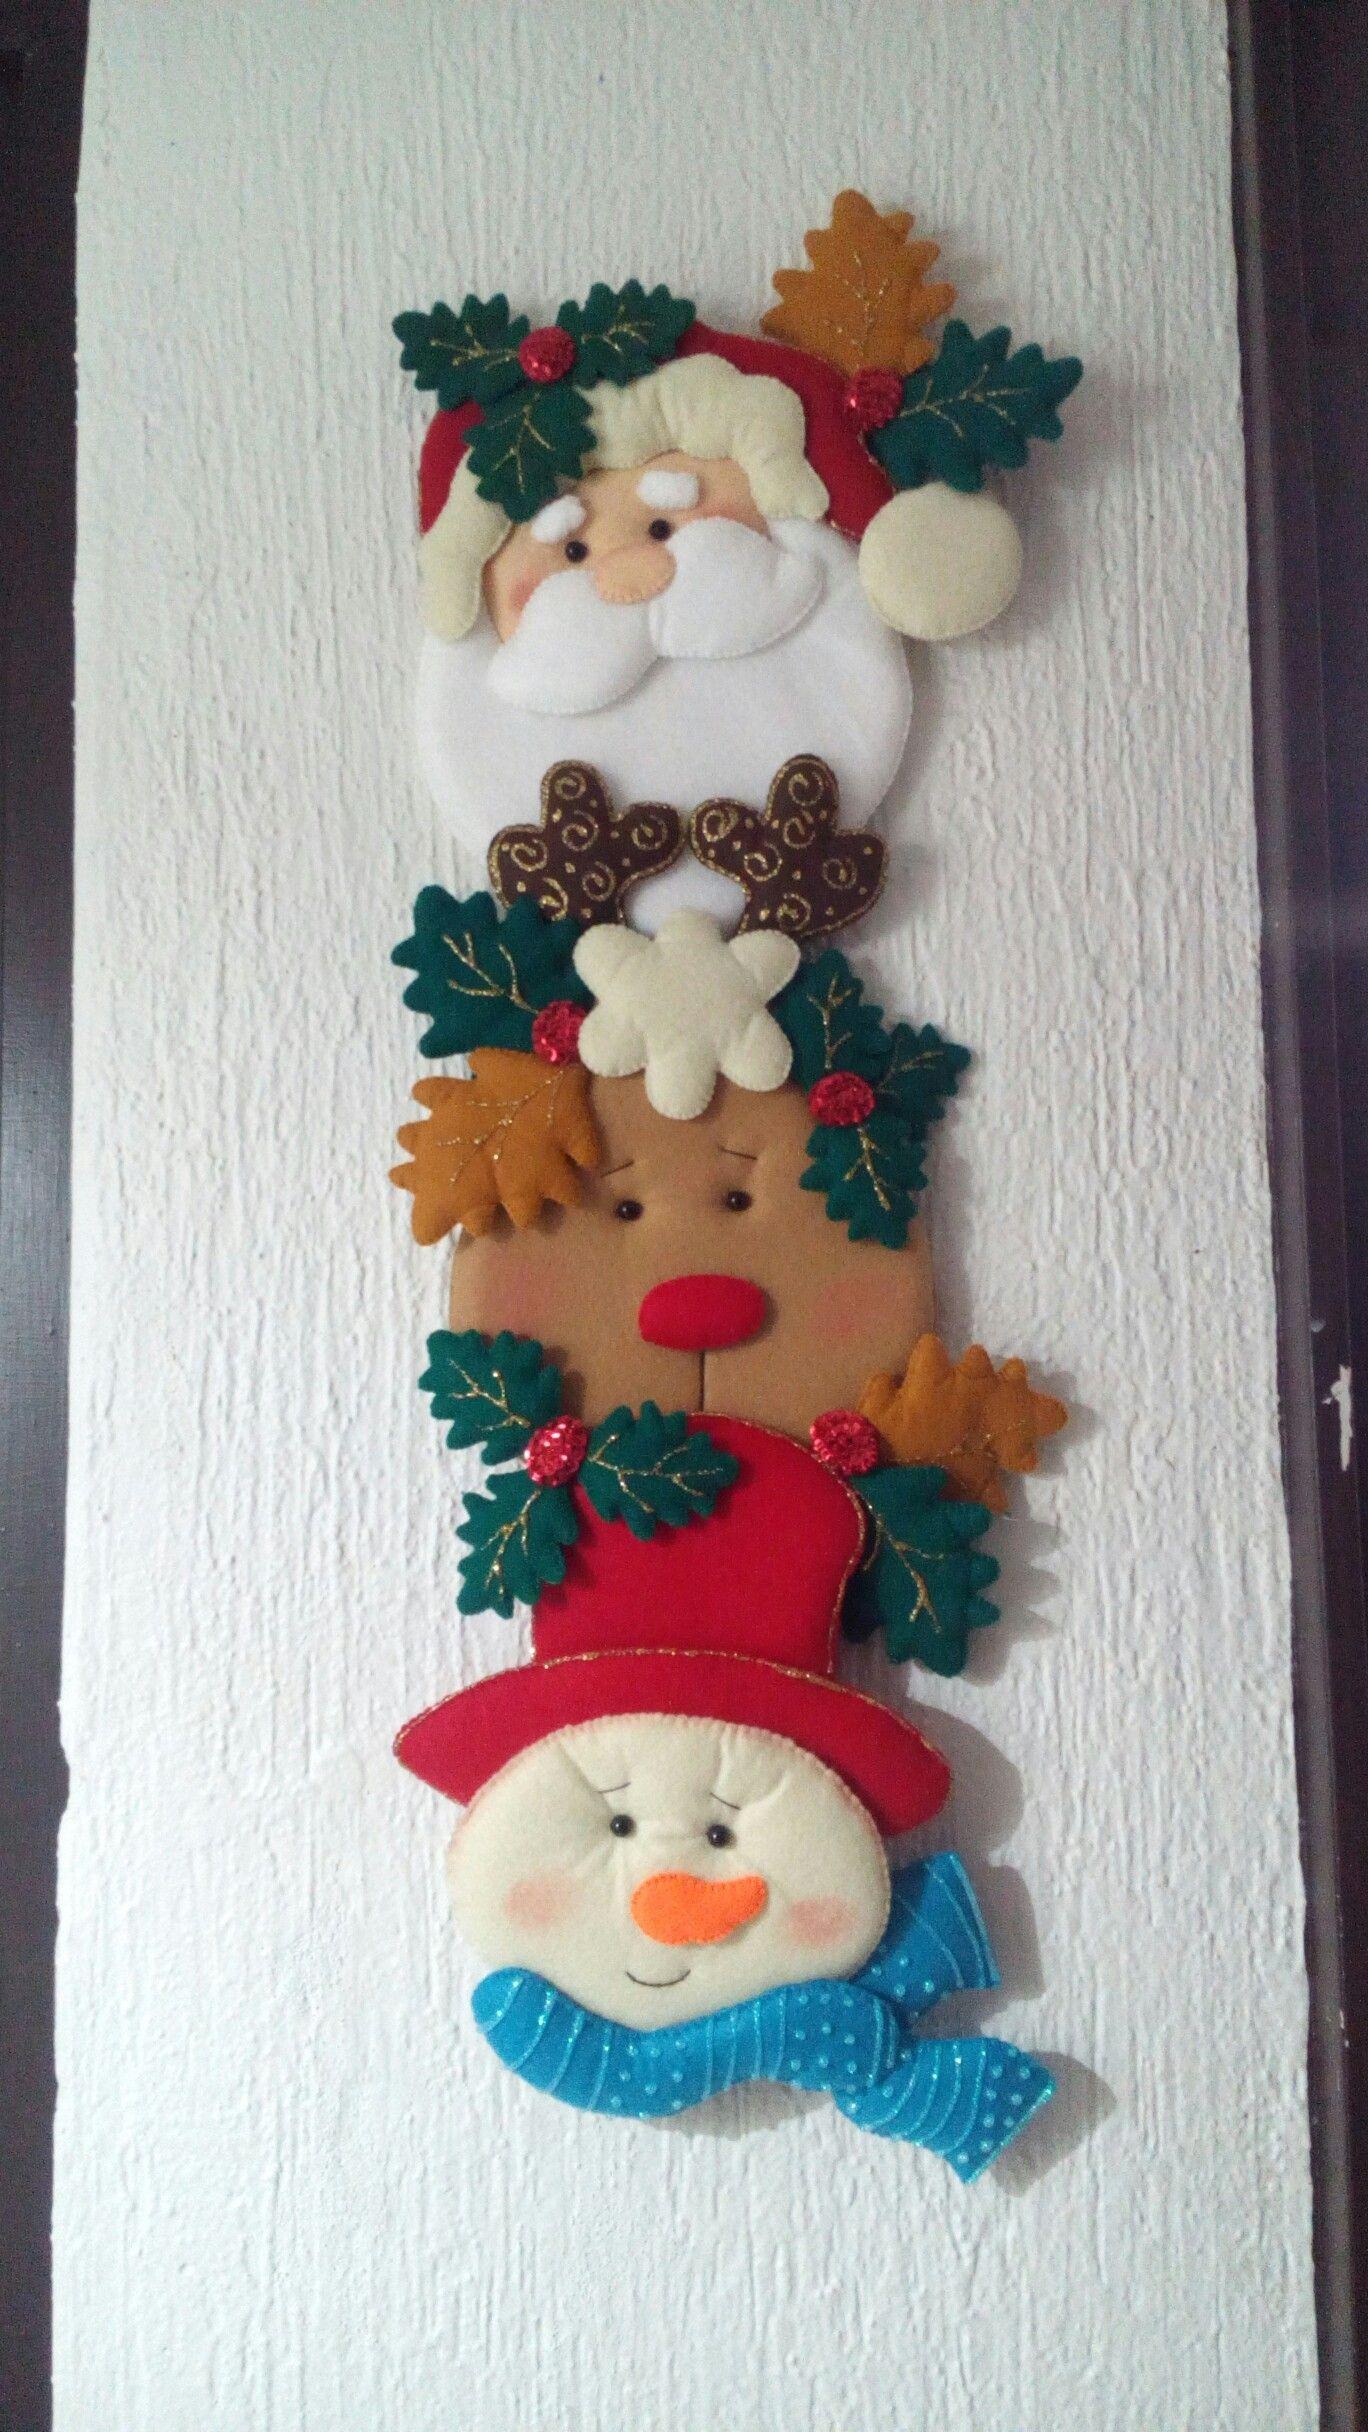 Navidad costura navidad christmas decorations - Decoraciones navidenas manualidades ...